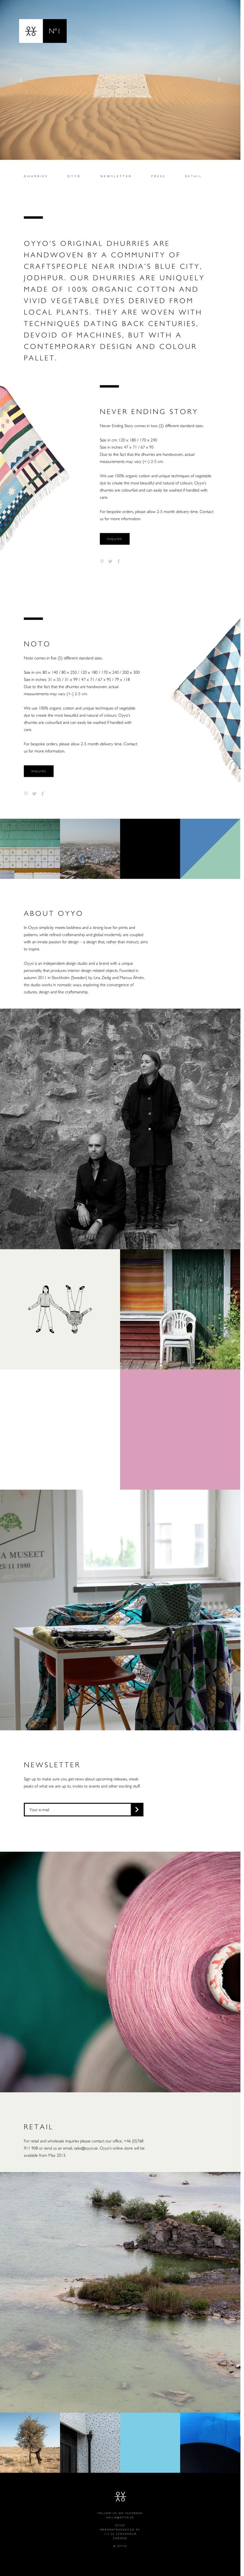 13 best website images on pinterest design websites site design